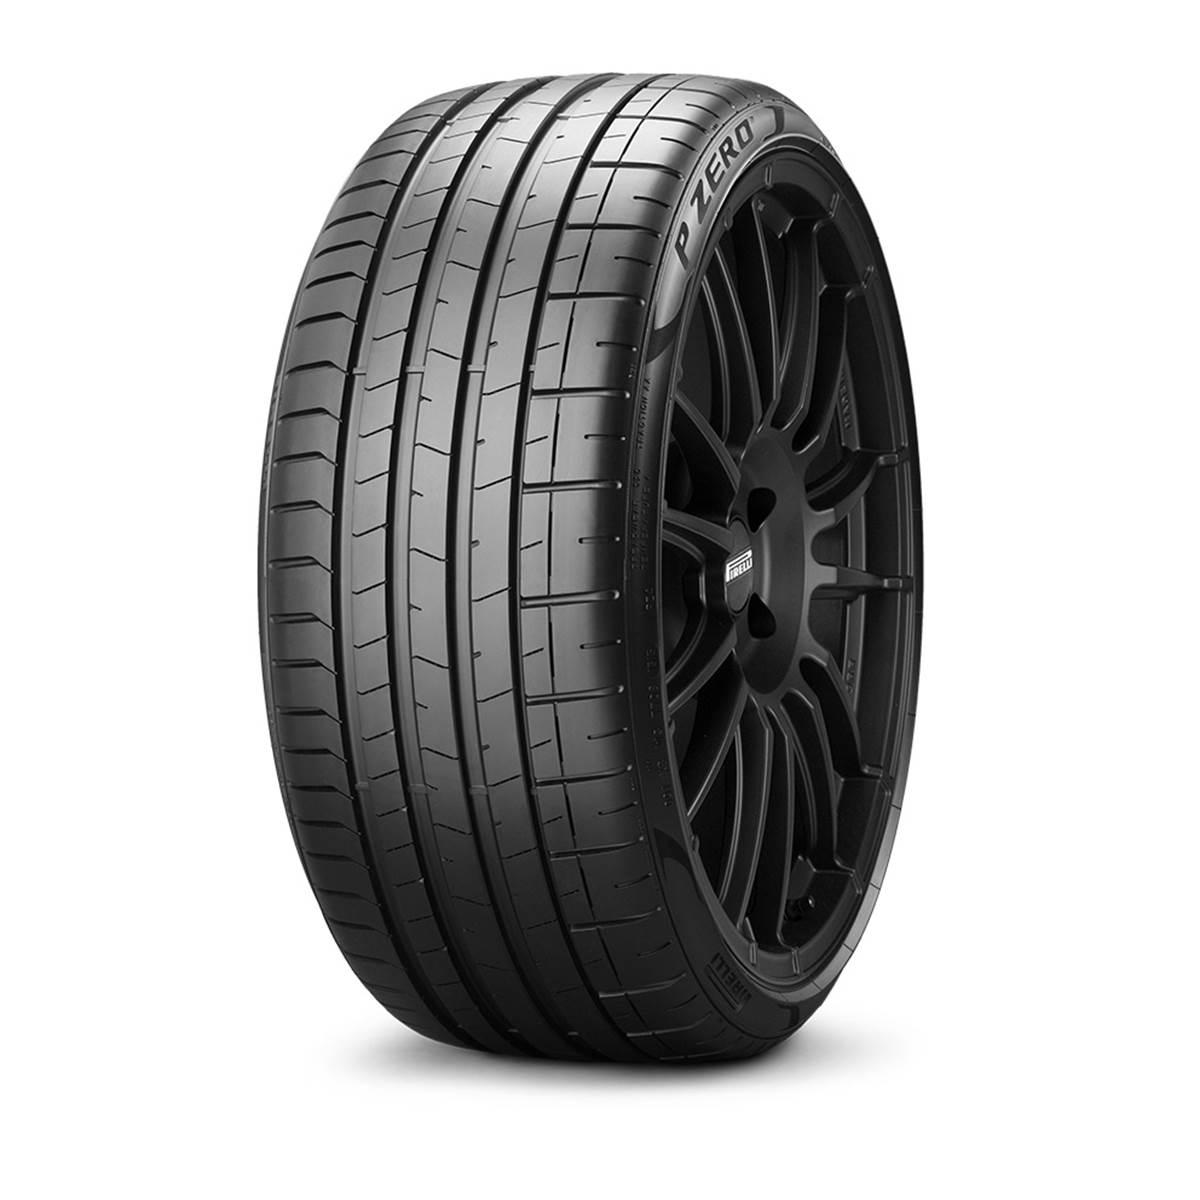 Pneu Pirelli 275/35R21 103Y Pzero XL